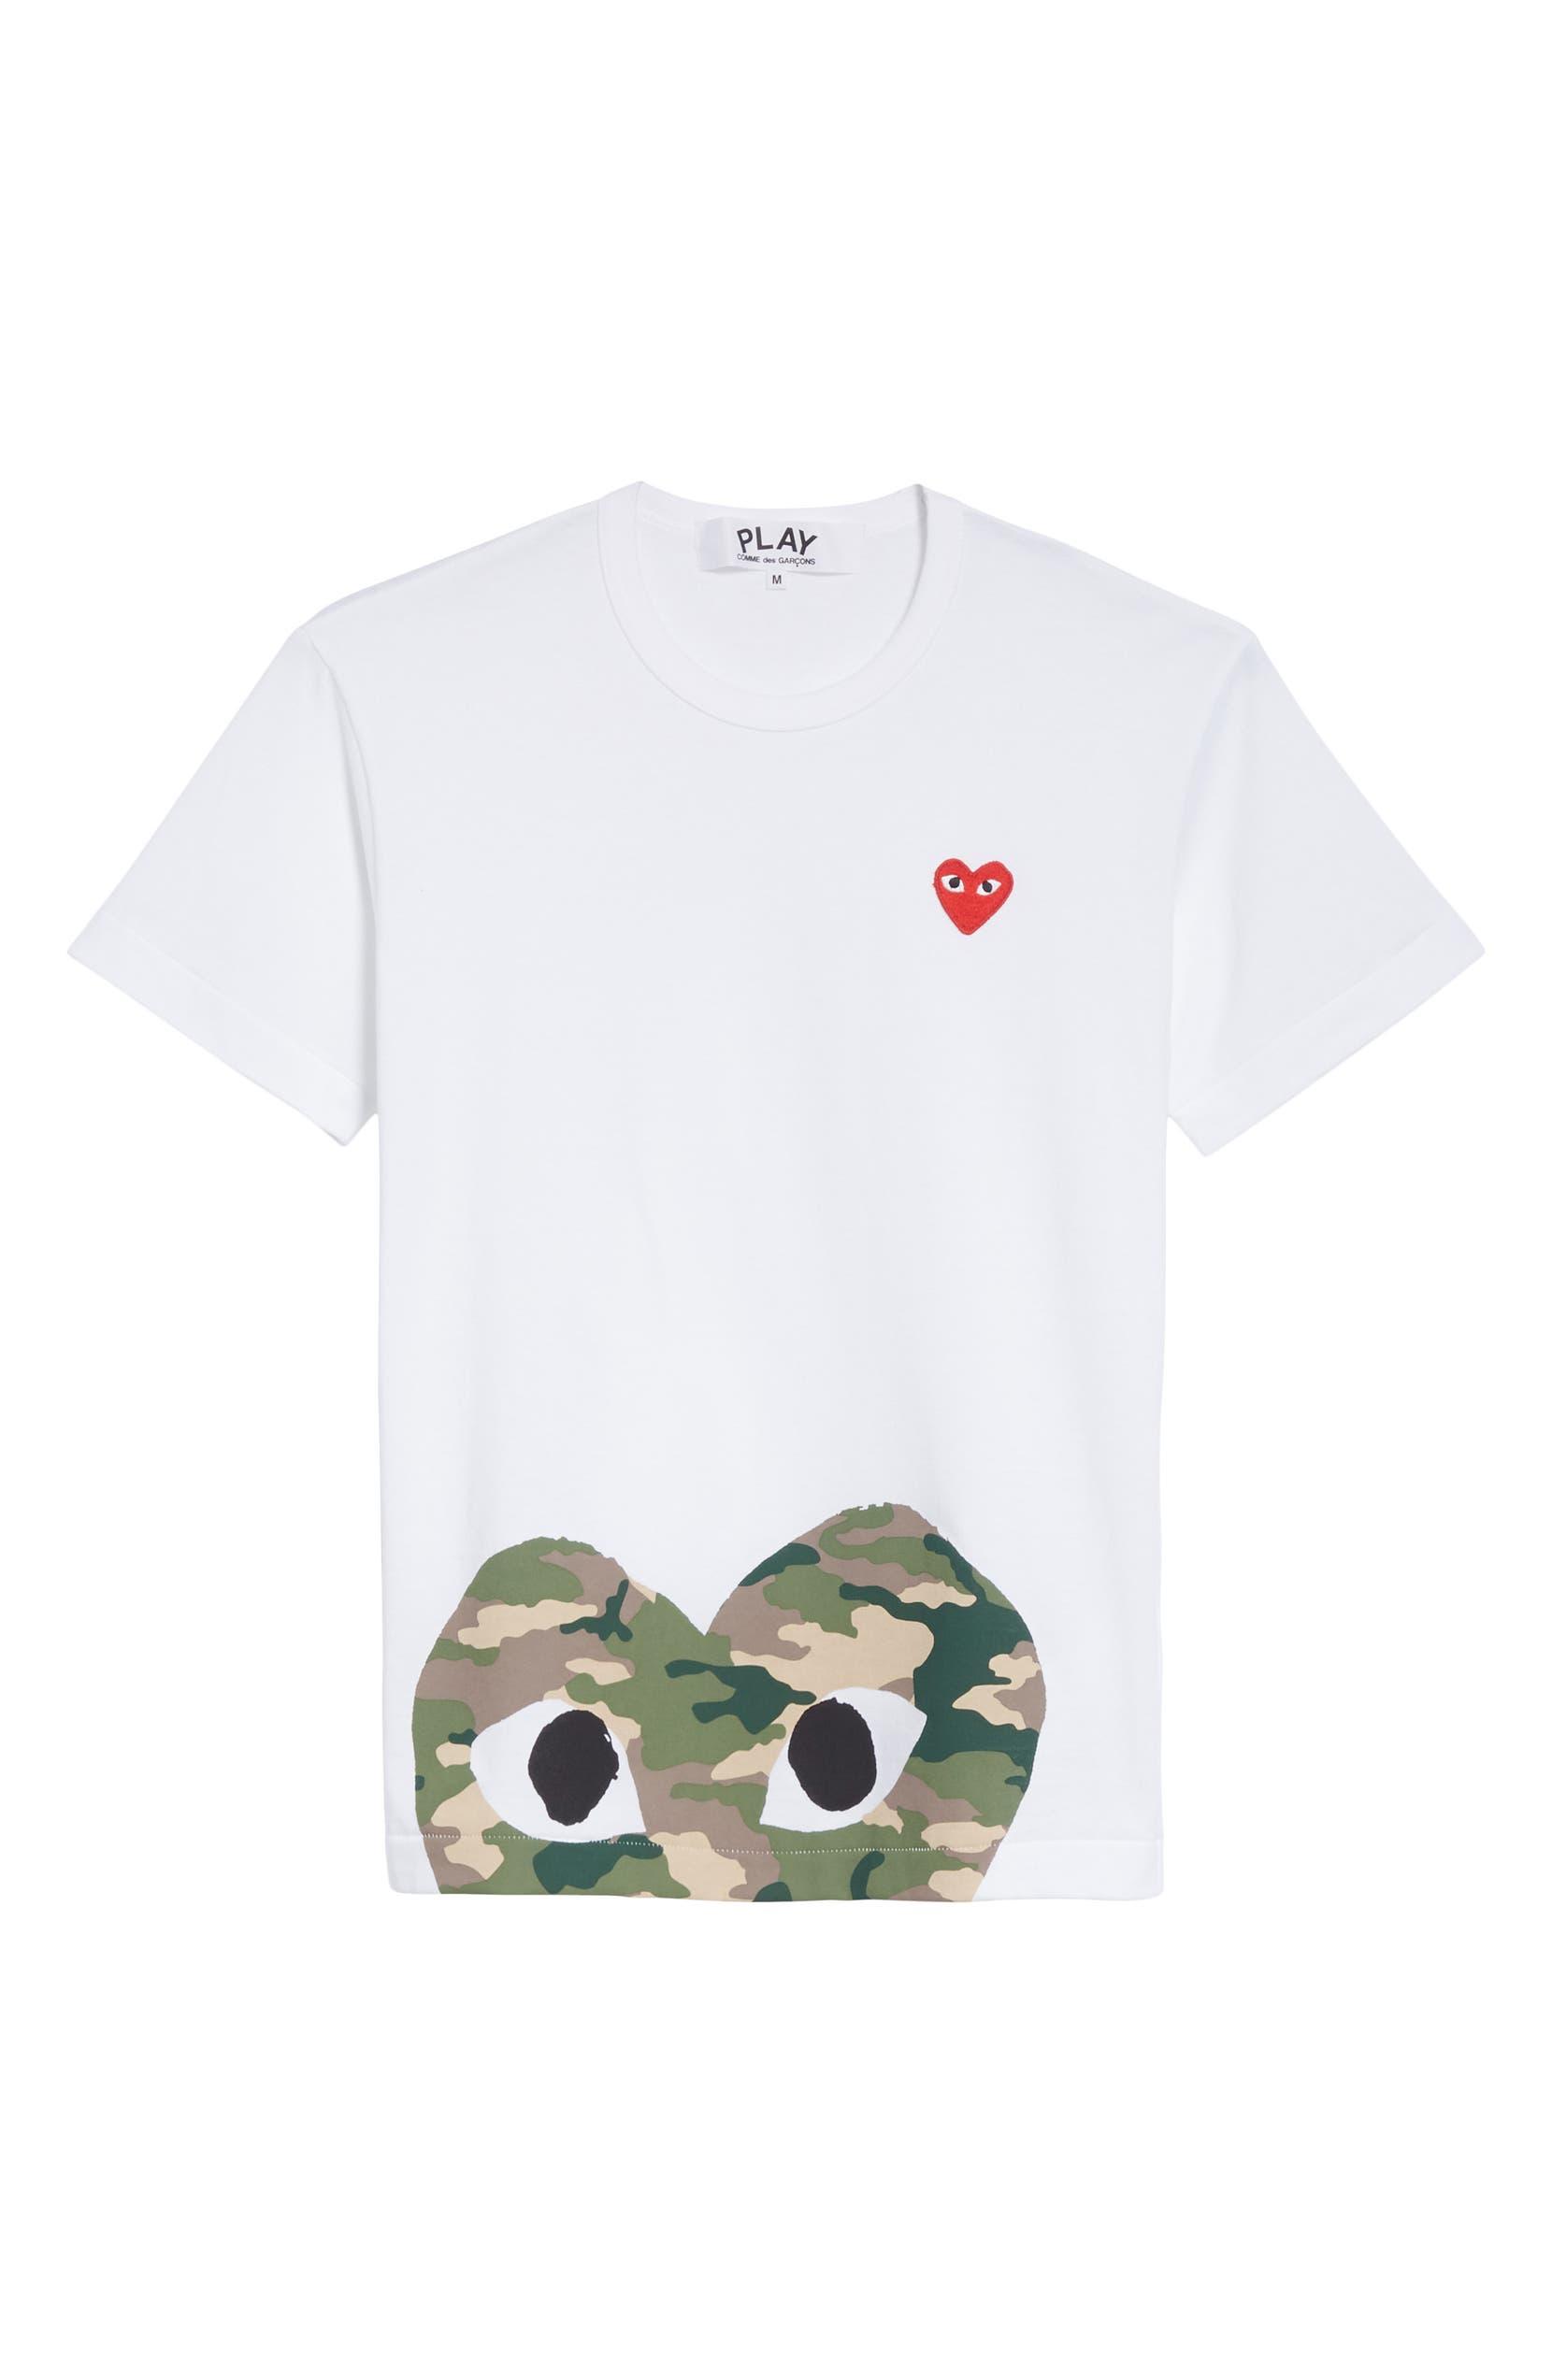 ebf71197 Comme des Garçons PLAY Camo Peek Heart T-Shirt | Nordstrom